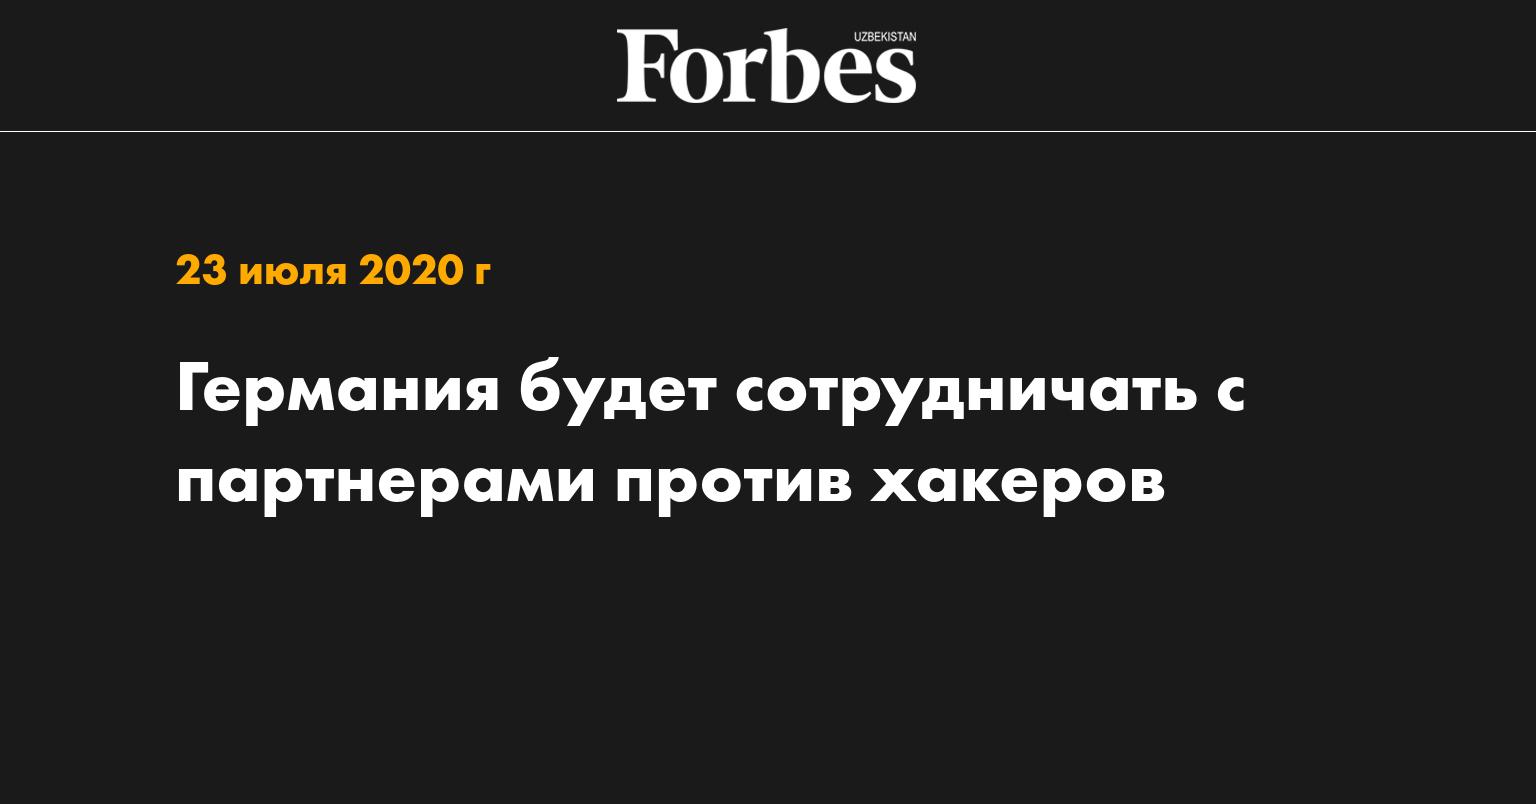 Германия будет сотрудничать с партнерами против хакеров